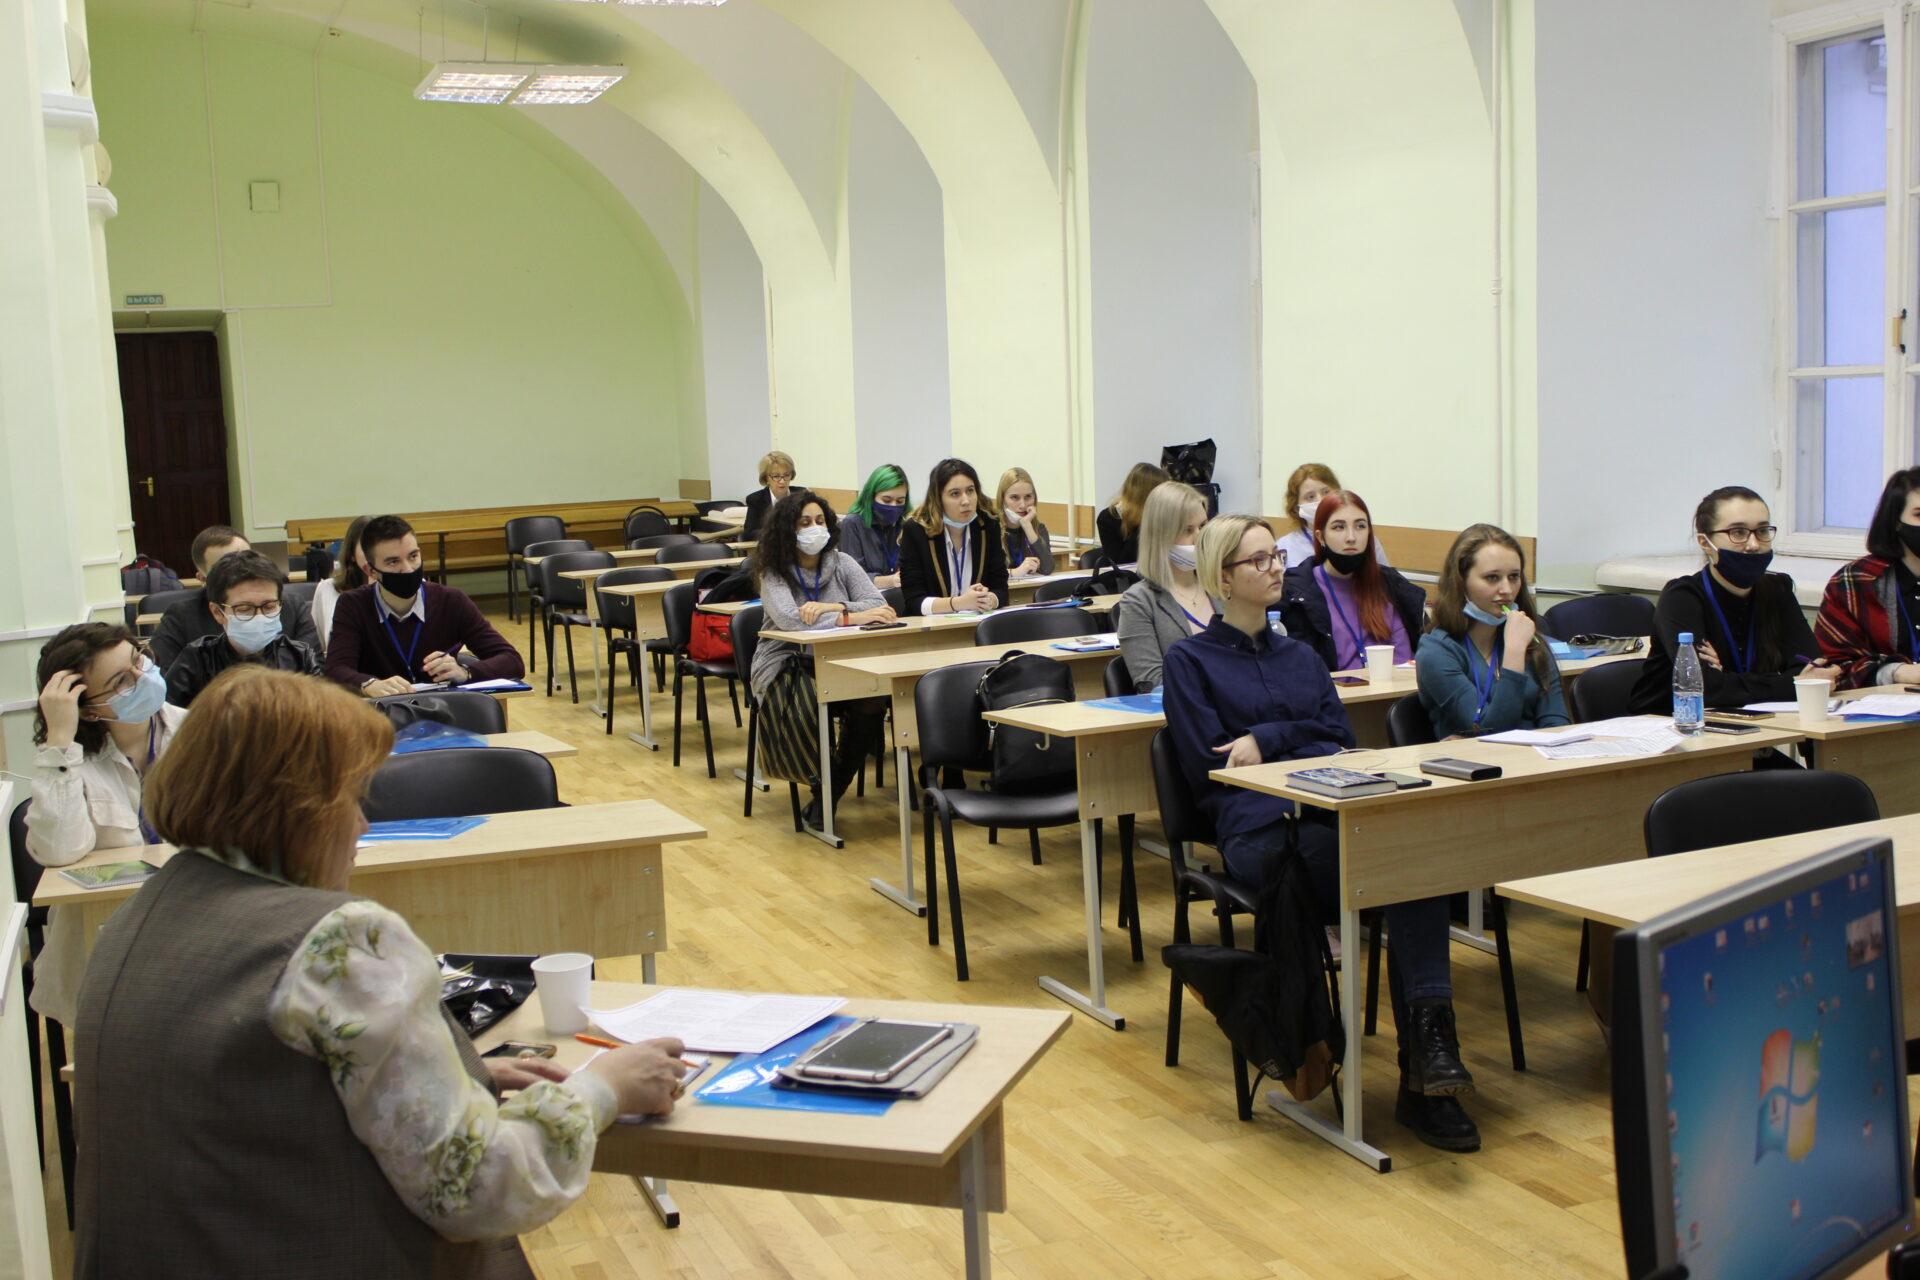 Открытие XV международной конференции студентов и молодых учёных «Холокост: память и предупреждение»